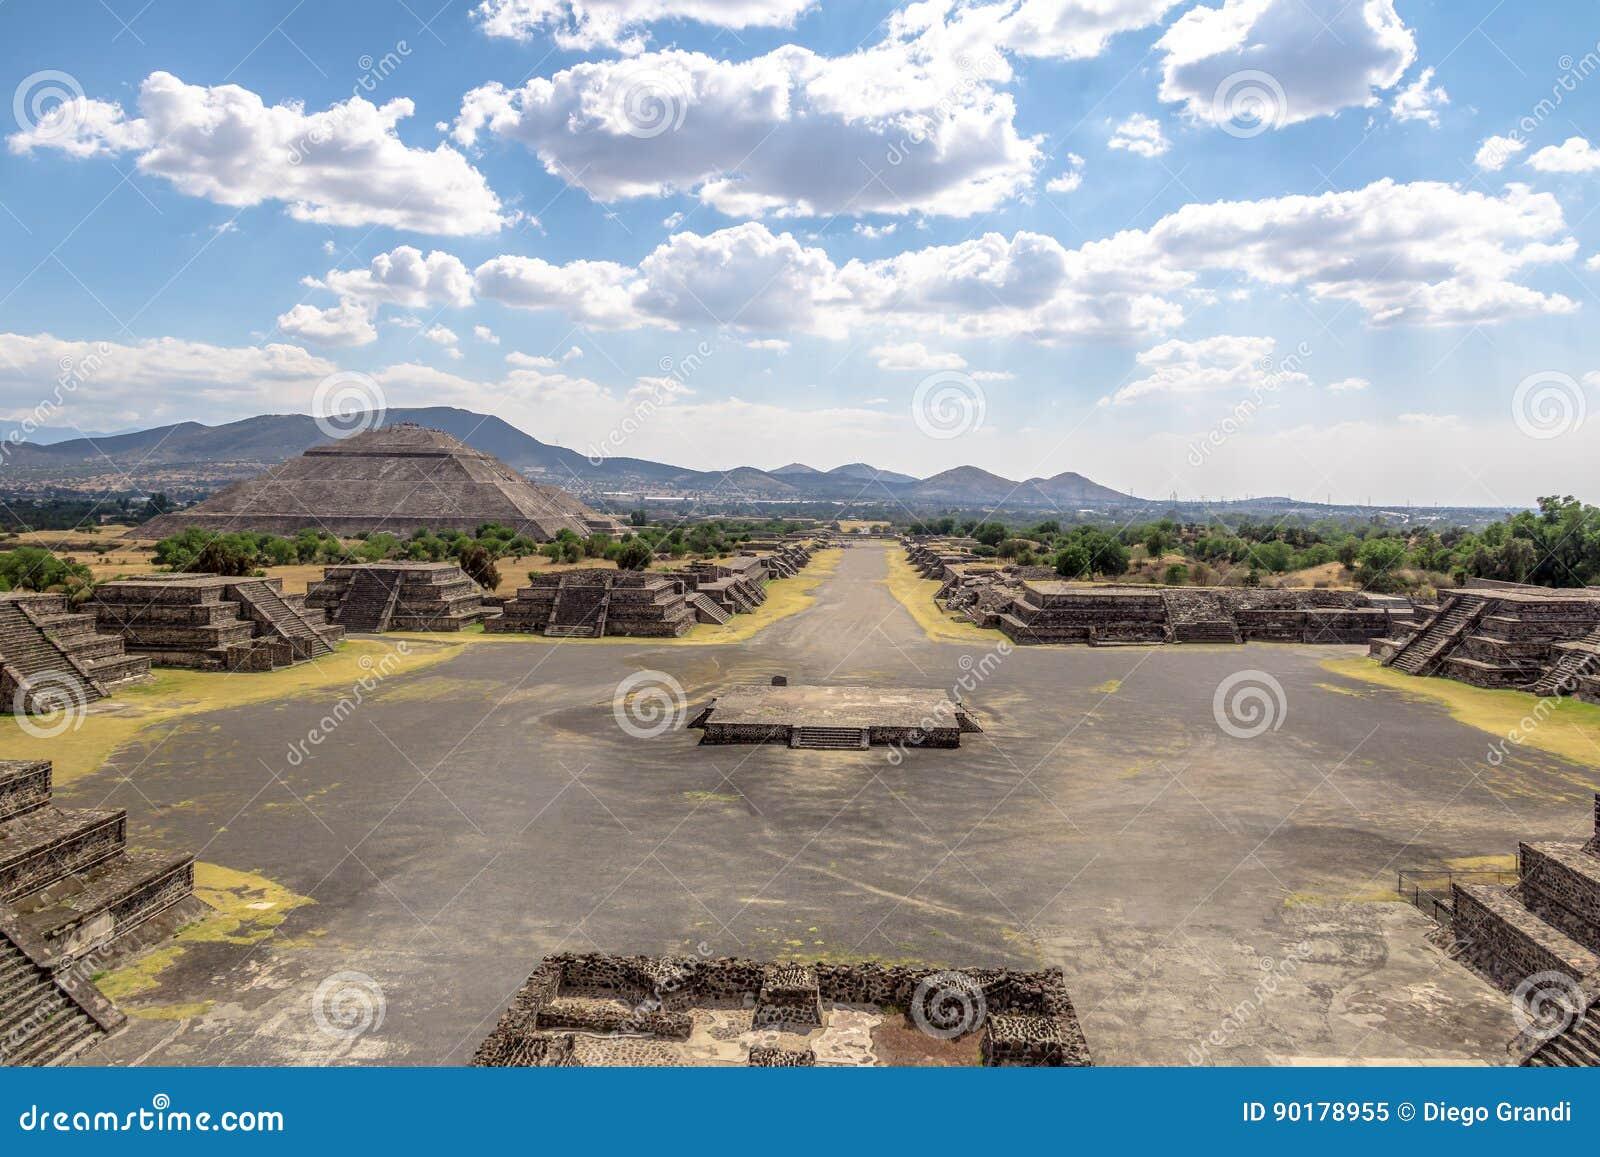 De mening van hierboven van Plein van de Maan en de Dode Weg met Zonpiramide op achtergrond in Teotihuacan ruïneert - Mexico-City